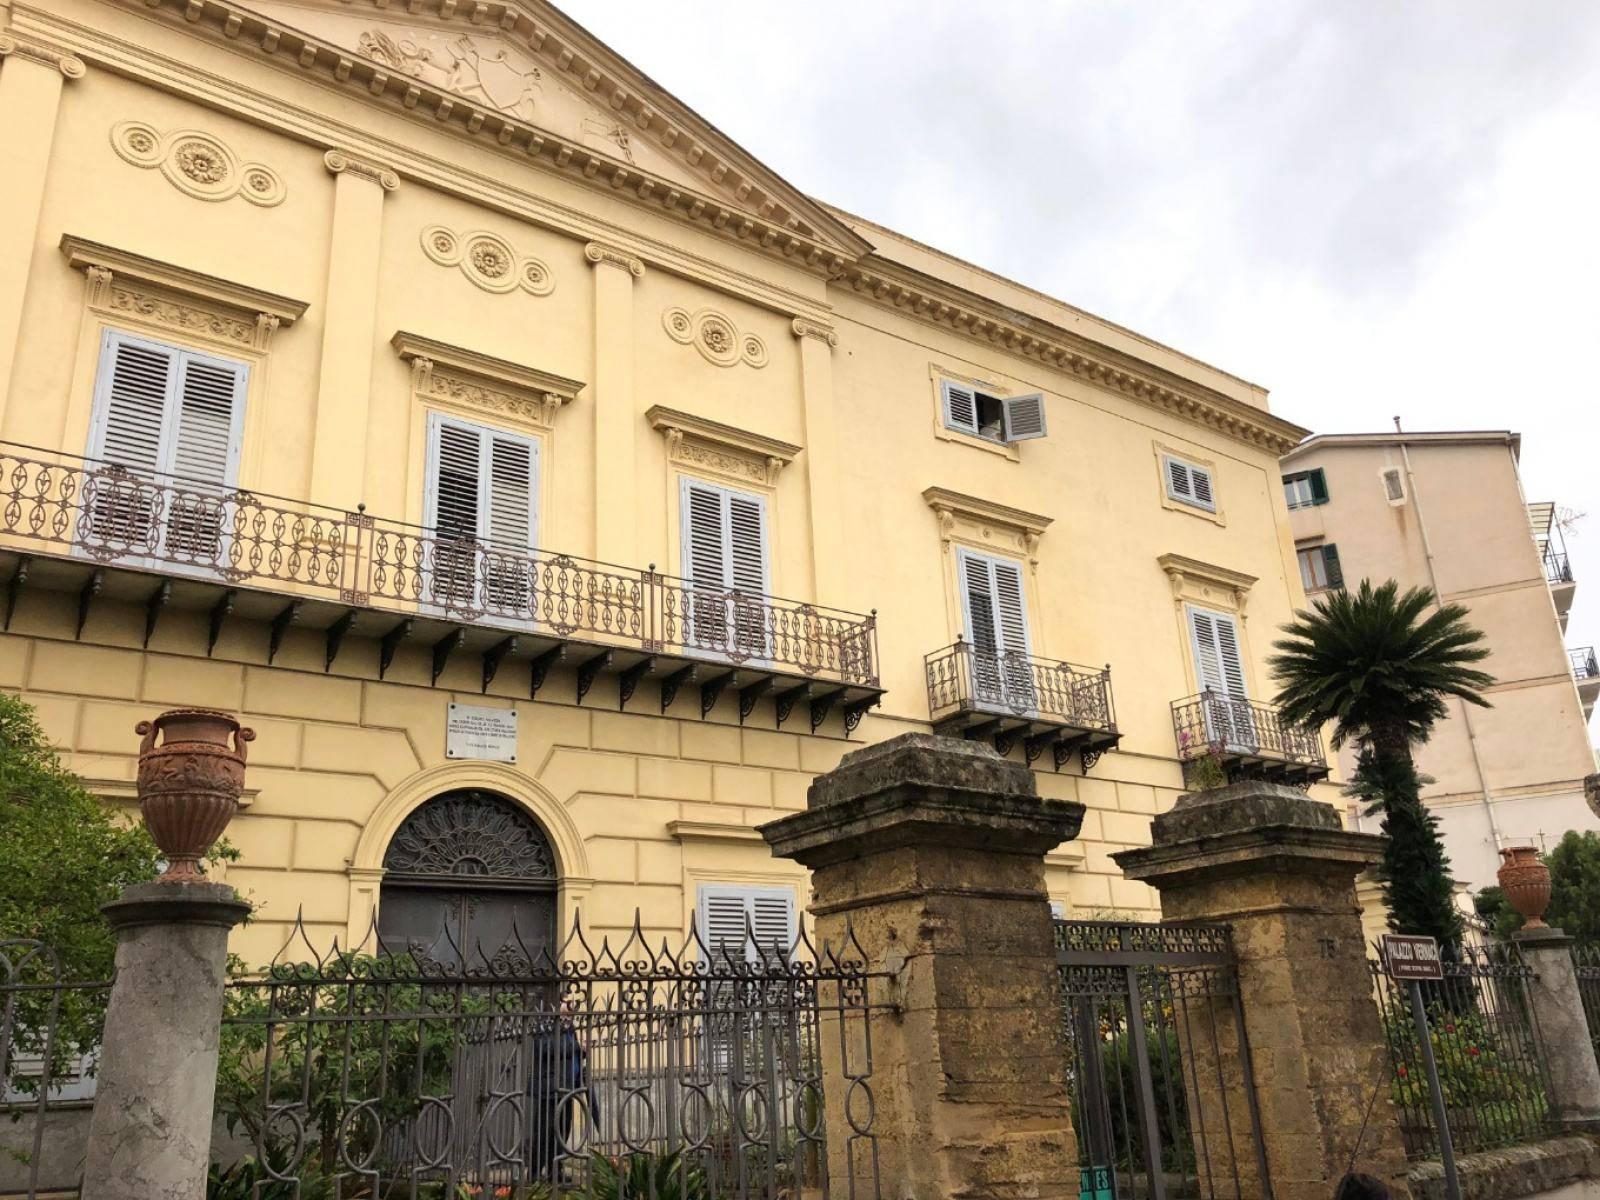 Appartamento in vendita a Altofonte, 4 locali, prezzo € 55.000 | CambioCasa.it